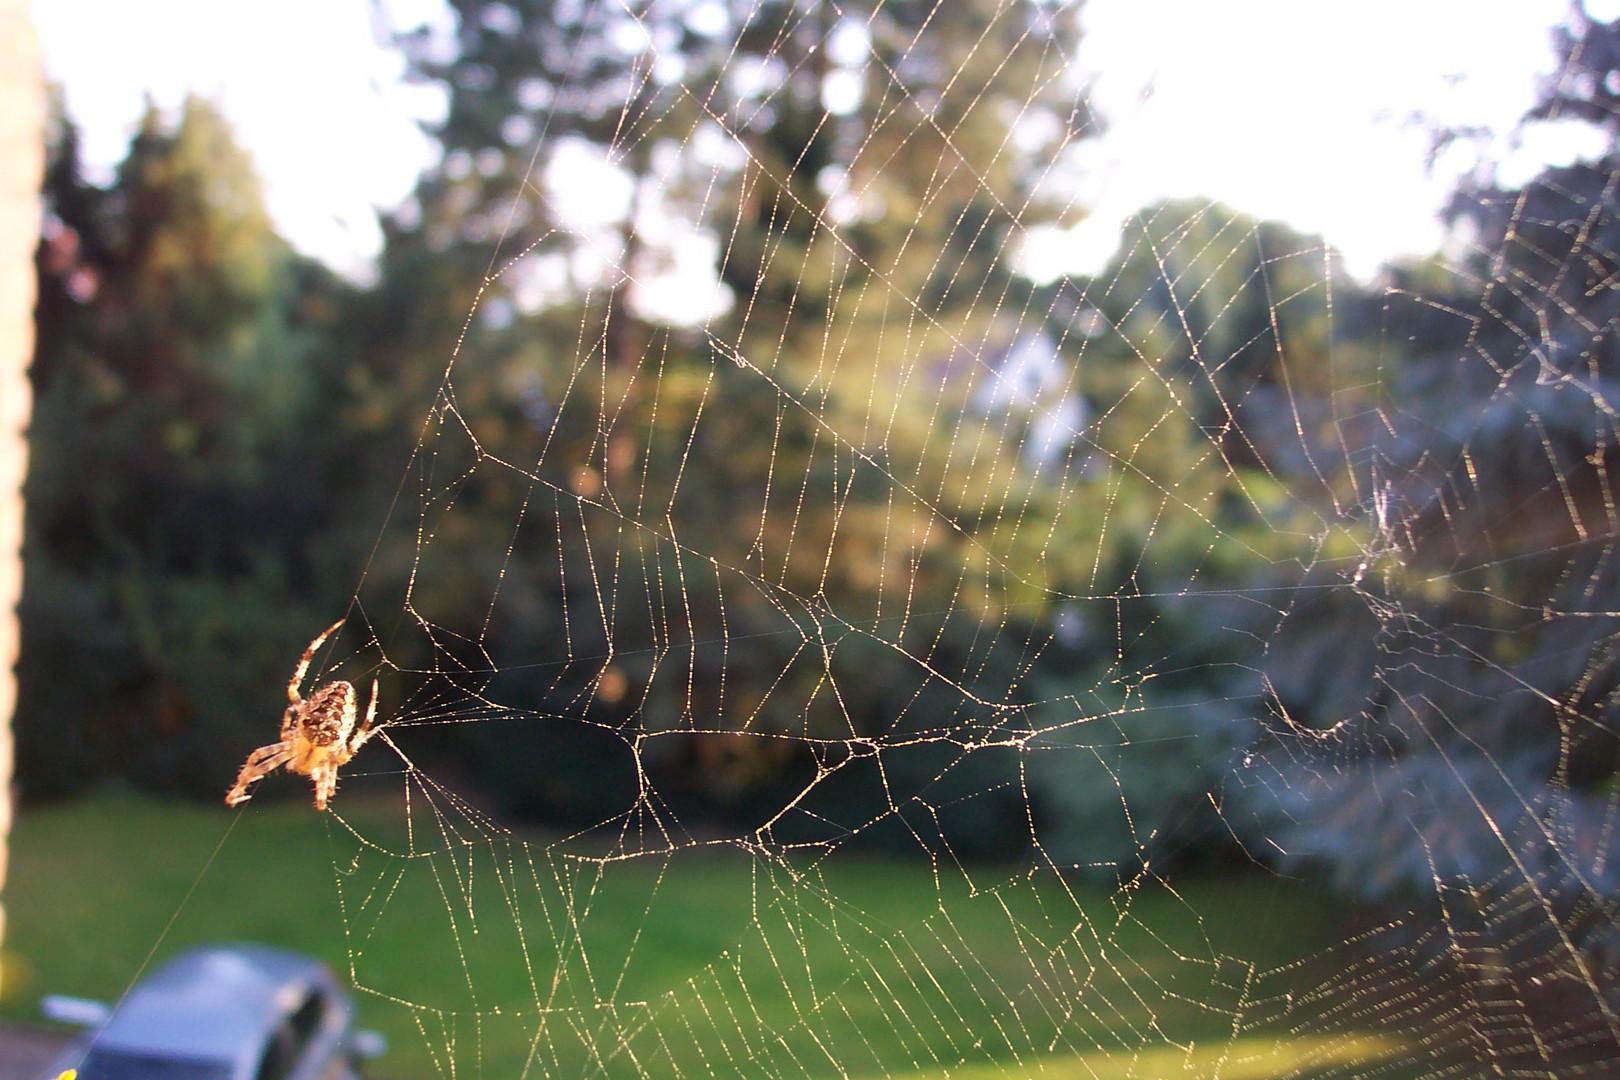 Spinne wohnt auf dem Balkon